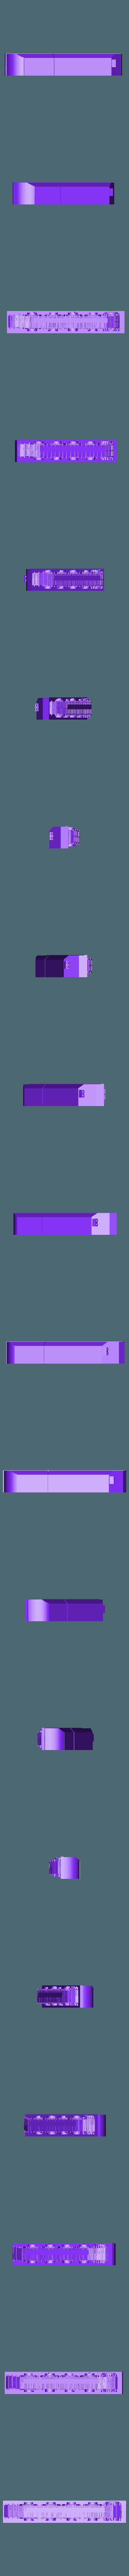 """left_tracks_.stl Télécharger fichier STL gratuit Ork / Orc Tank """"Bone Breaker"""" 28mm wargames véhicule • Plan pour impression 3D, redstarkits"""